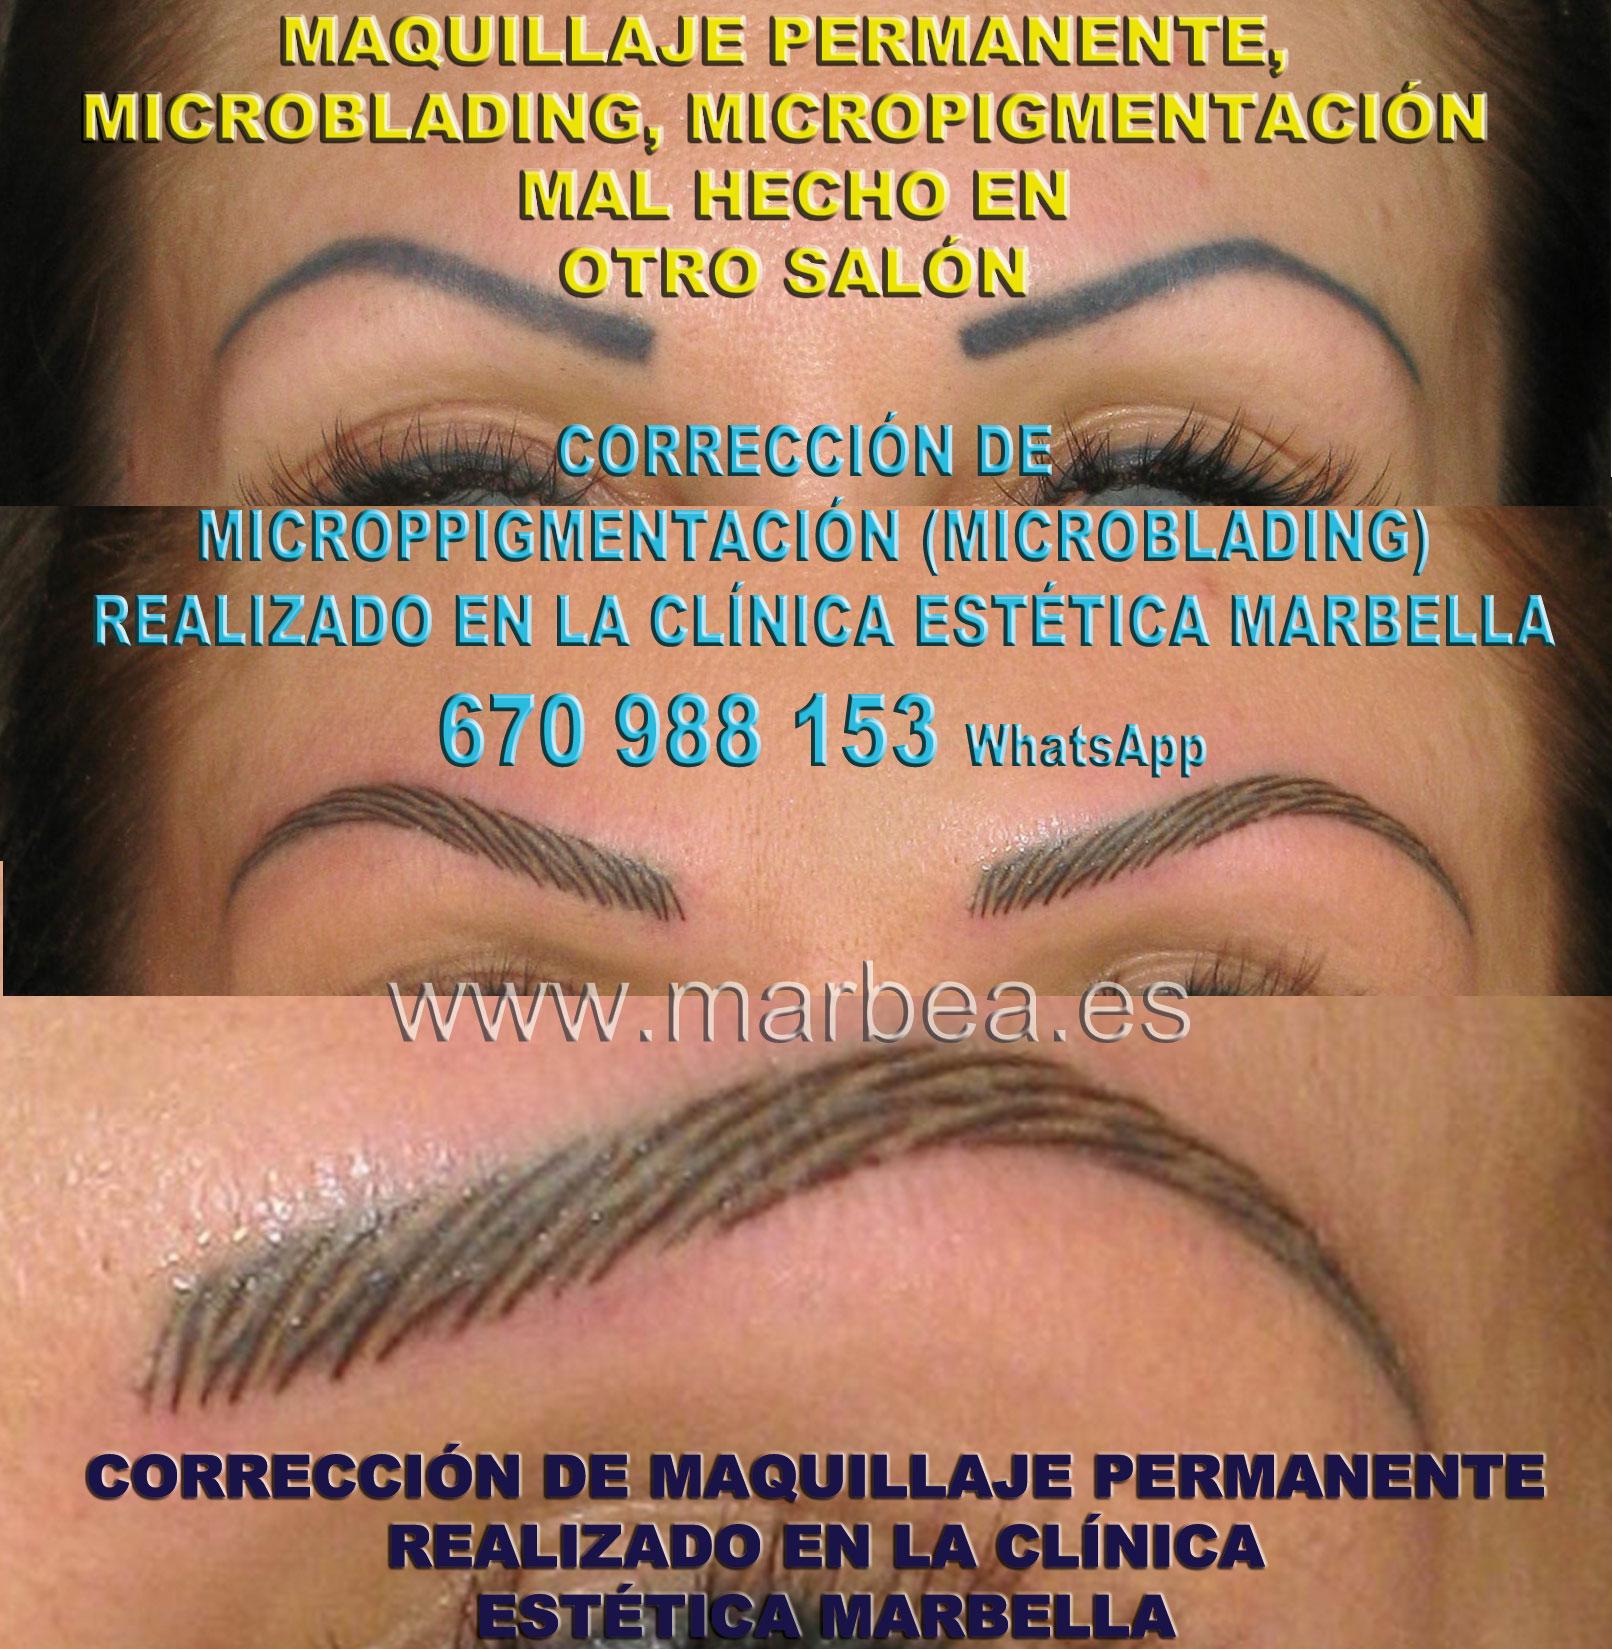 ELIMINAR TATUAJE CEJAS clínica estética microblading ofrenda eliminar la micropigmentación de cejas,corregir micropigmentación mal hecha